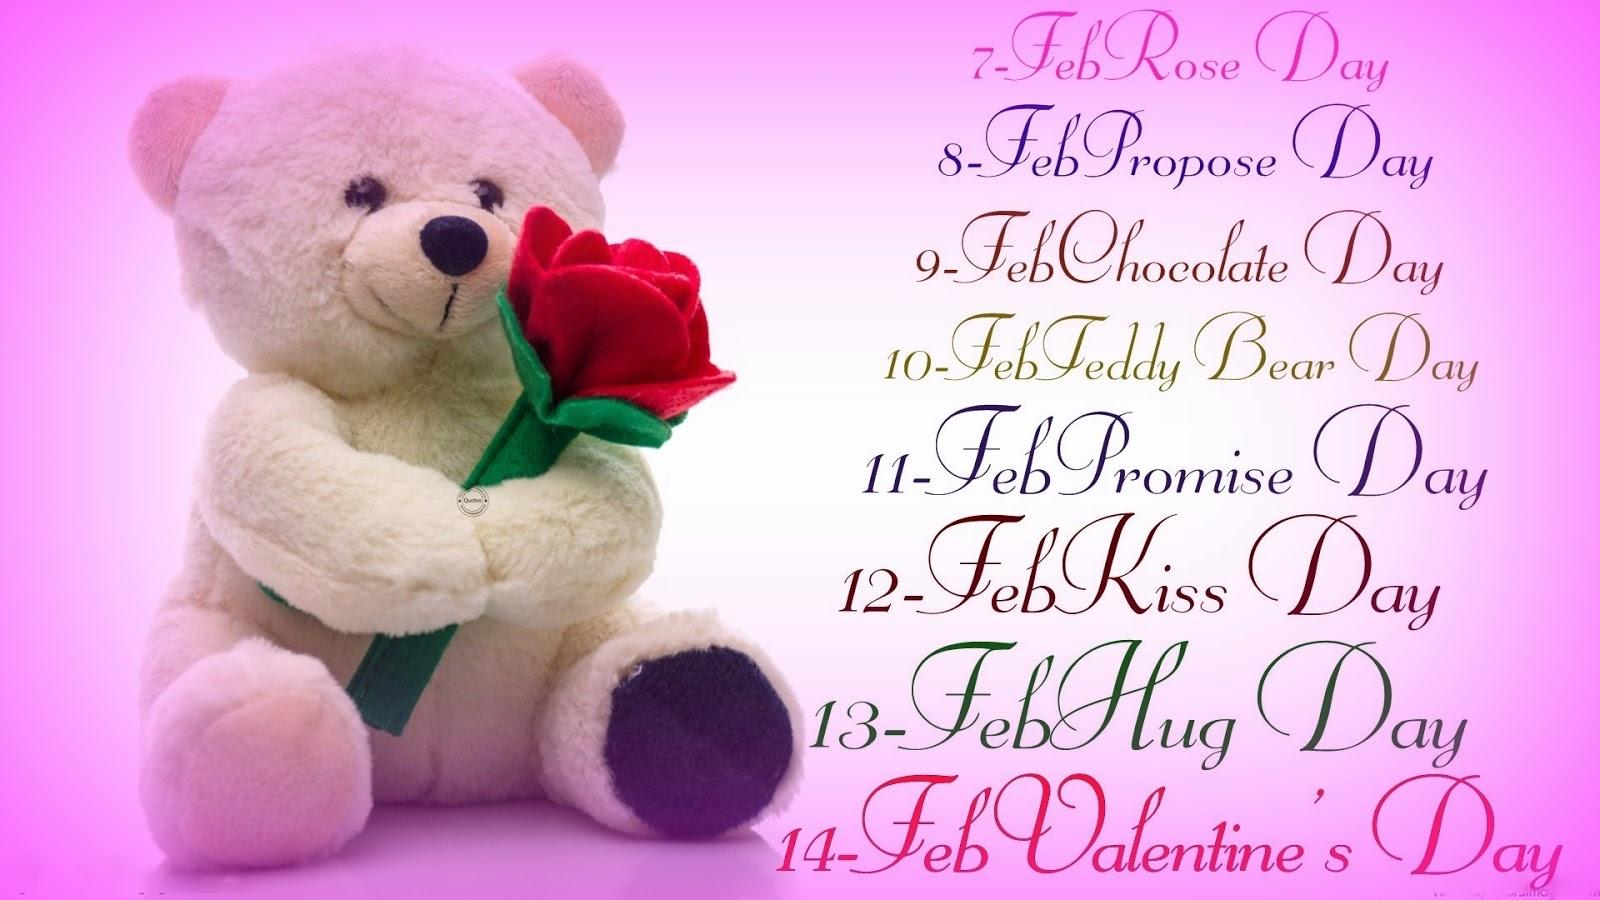 Valentine week list 2017 Date sheet of Valentine